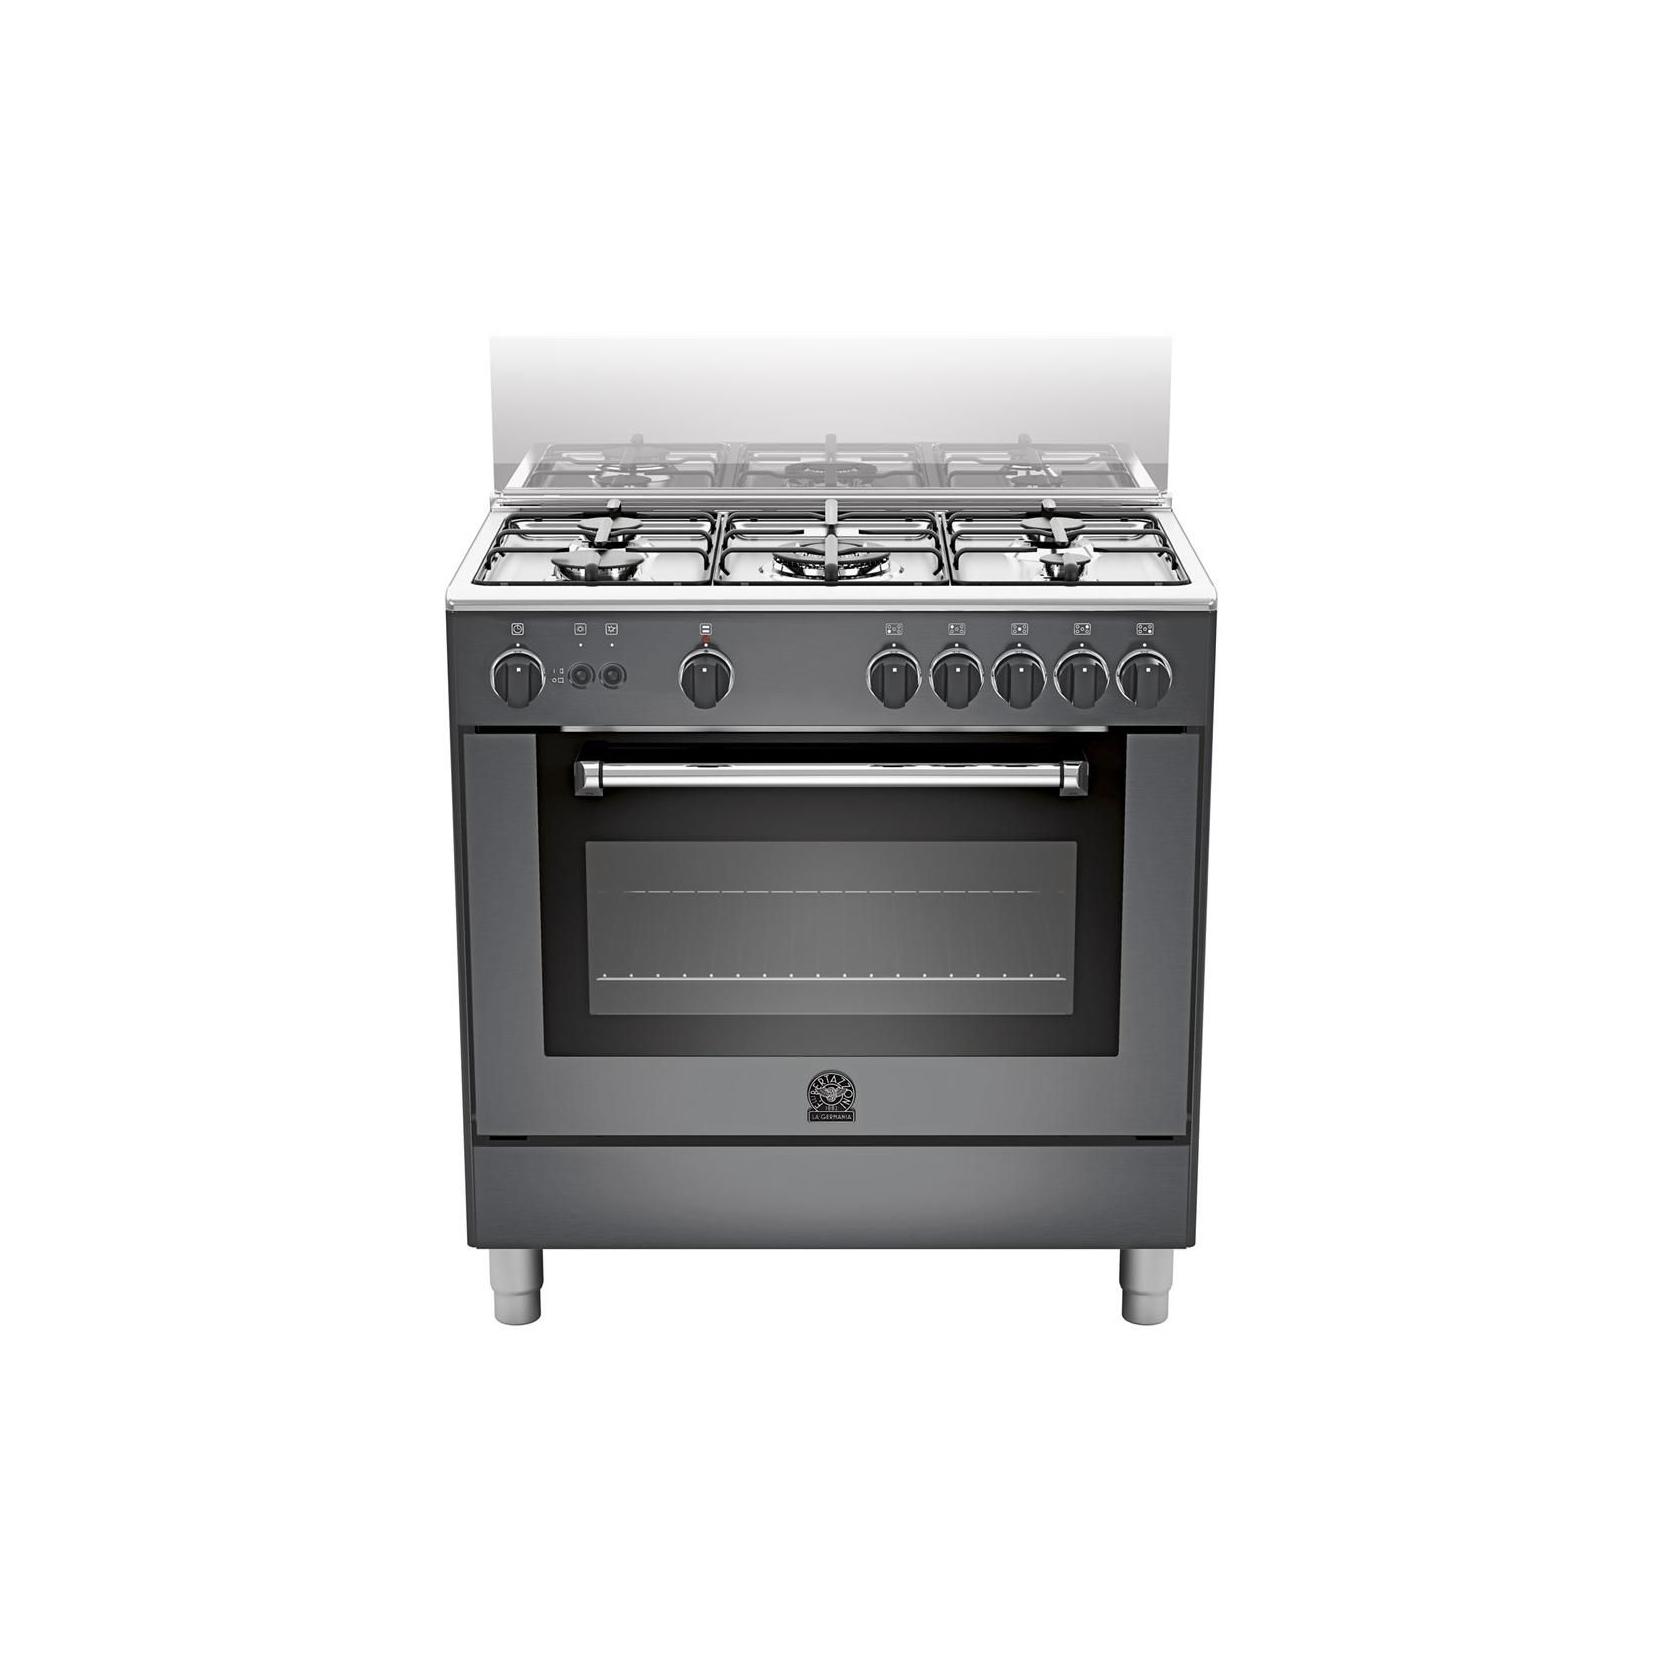 La germania cucina am85c61cnet 5 fuochi a gas forno - Cucine a gas con forno elettrico ...